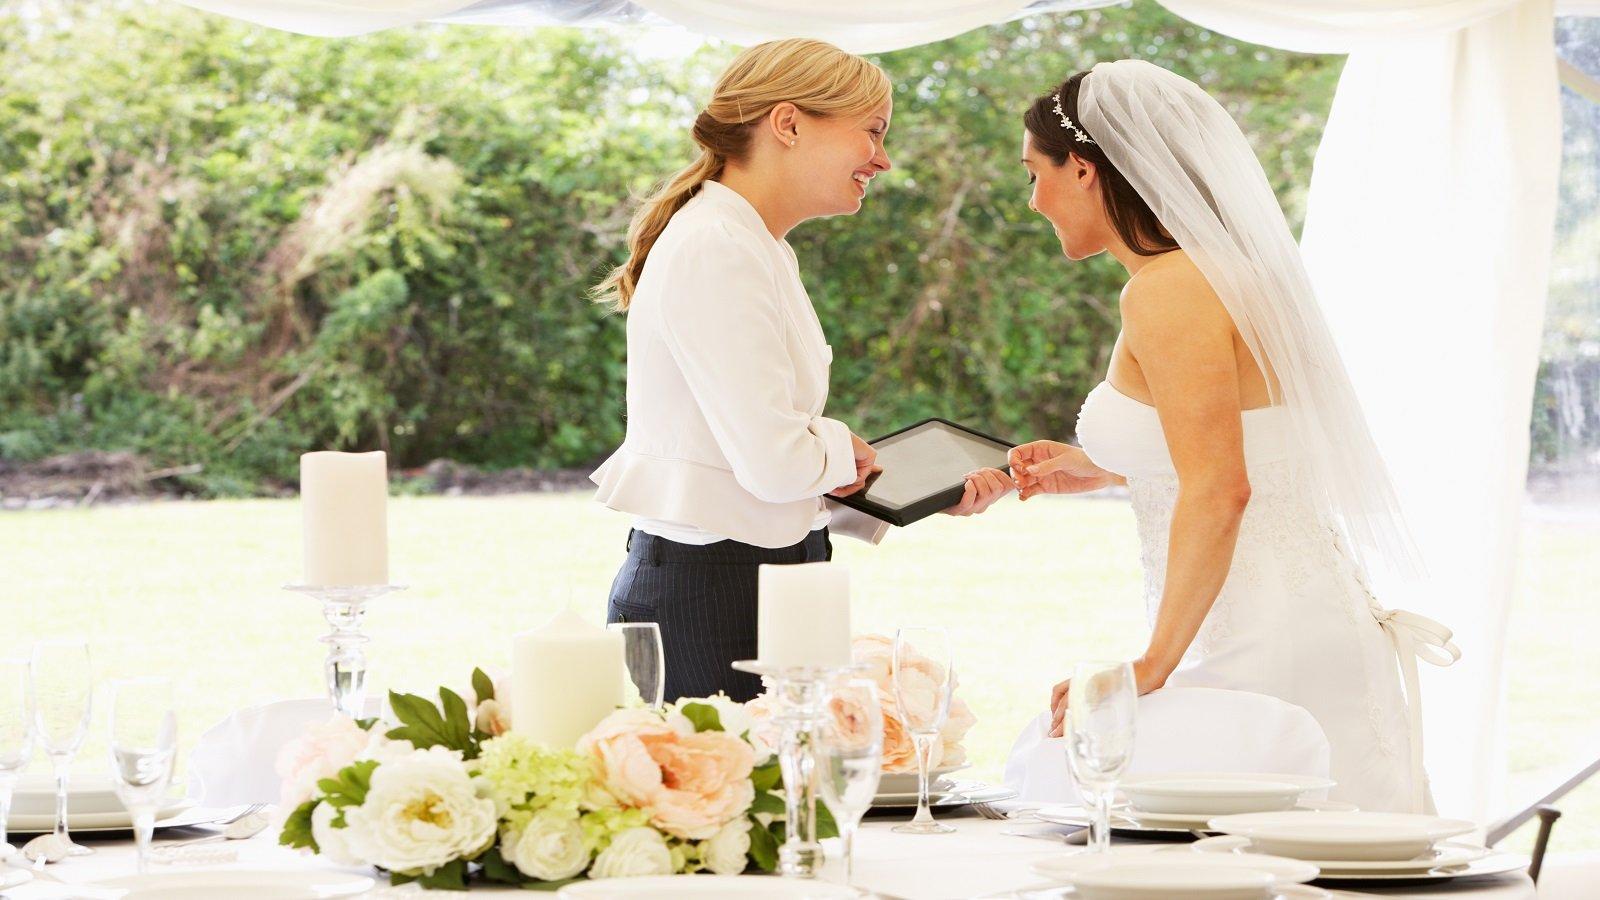 una donna con un tablet in mano e una sposa che lo guarda